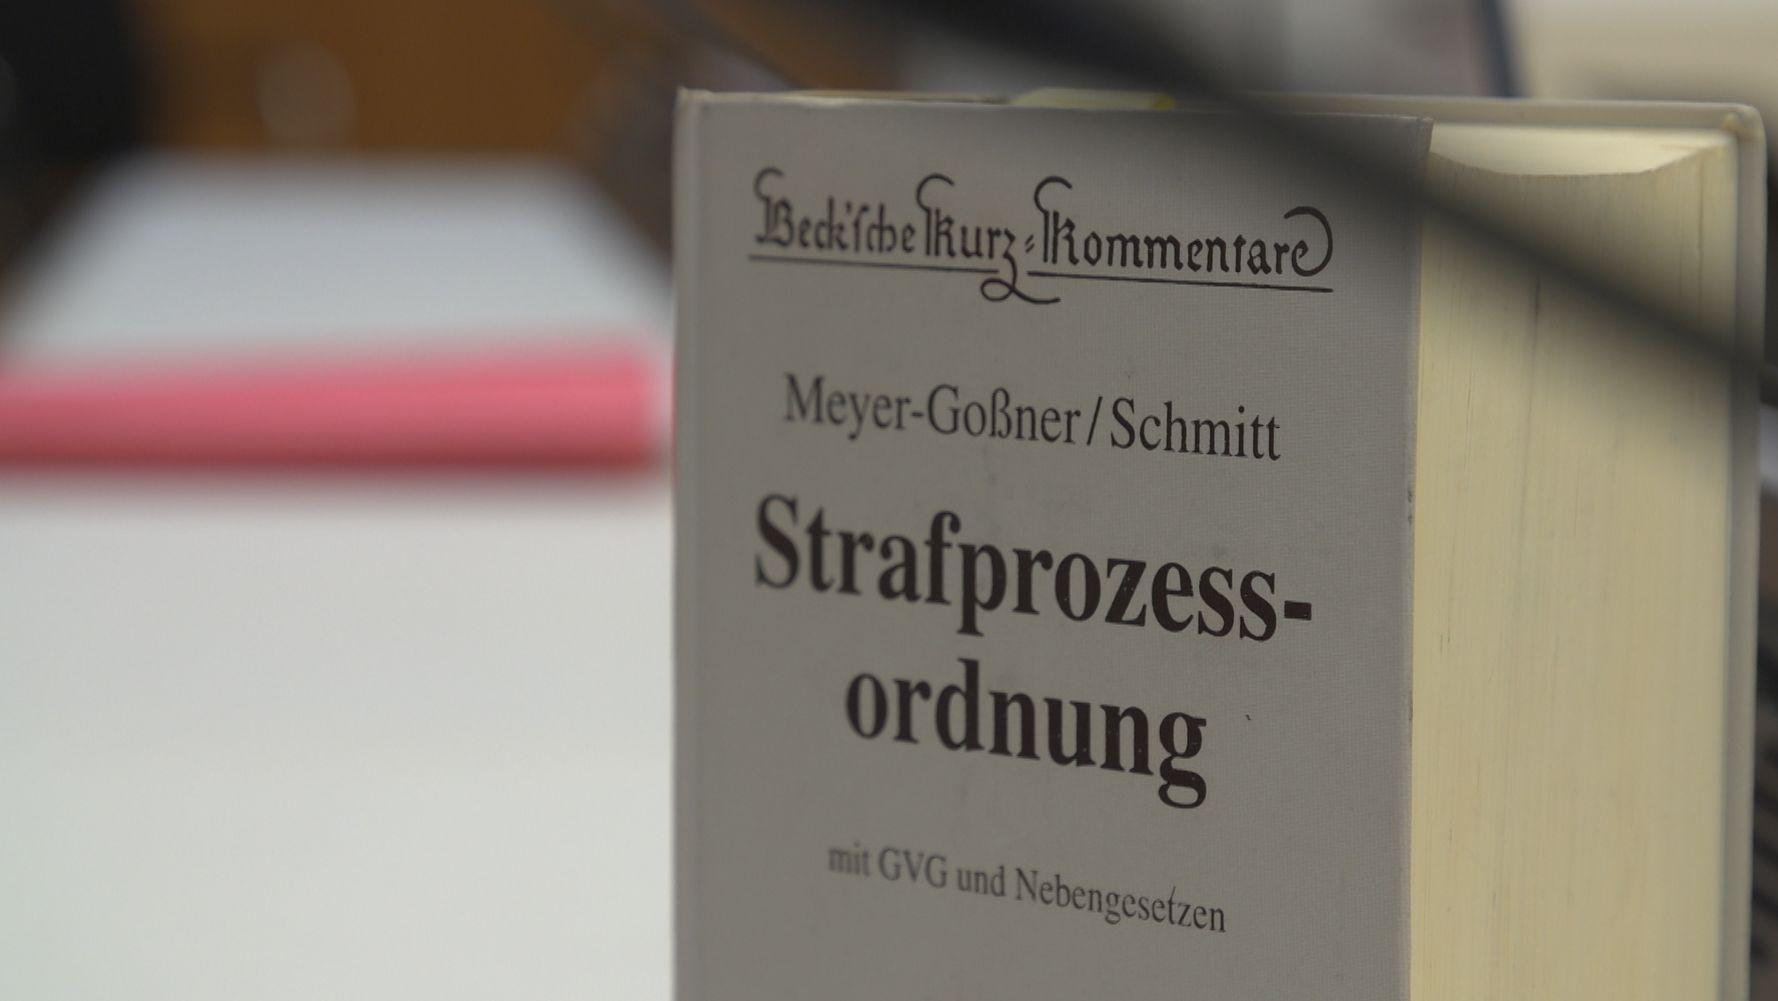 Die Strafprozessordnung im Saal der JVA Stadelheim.